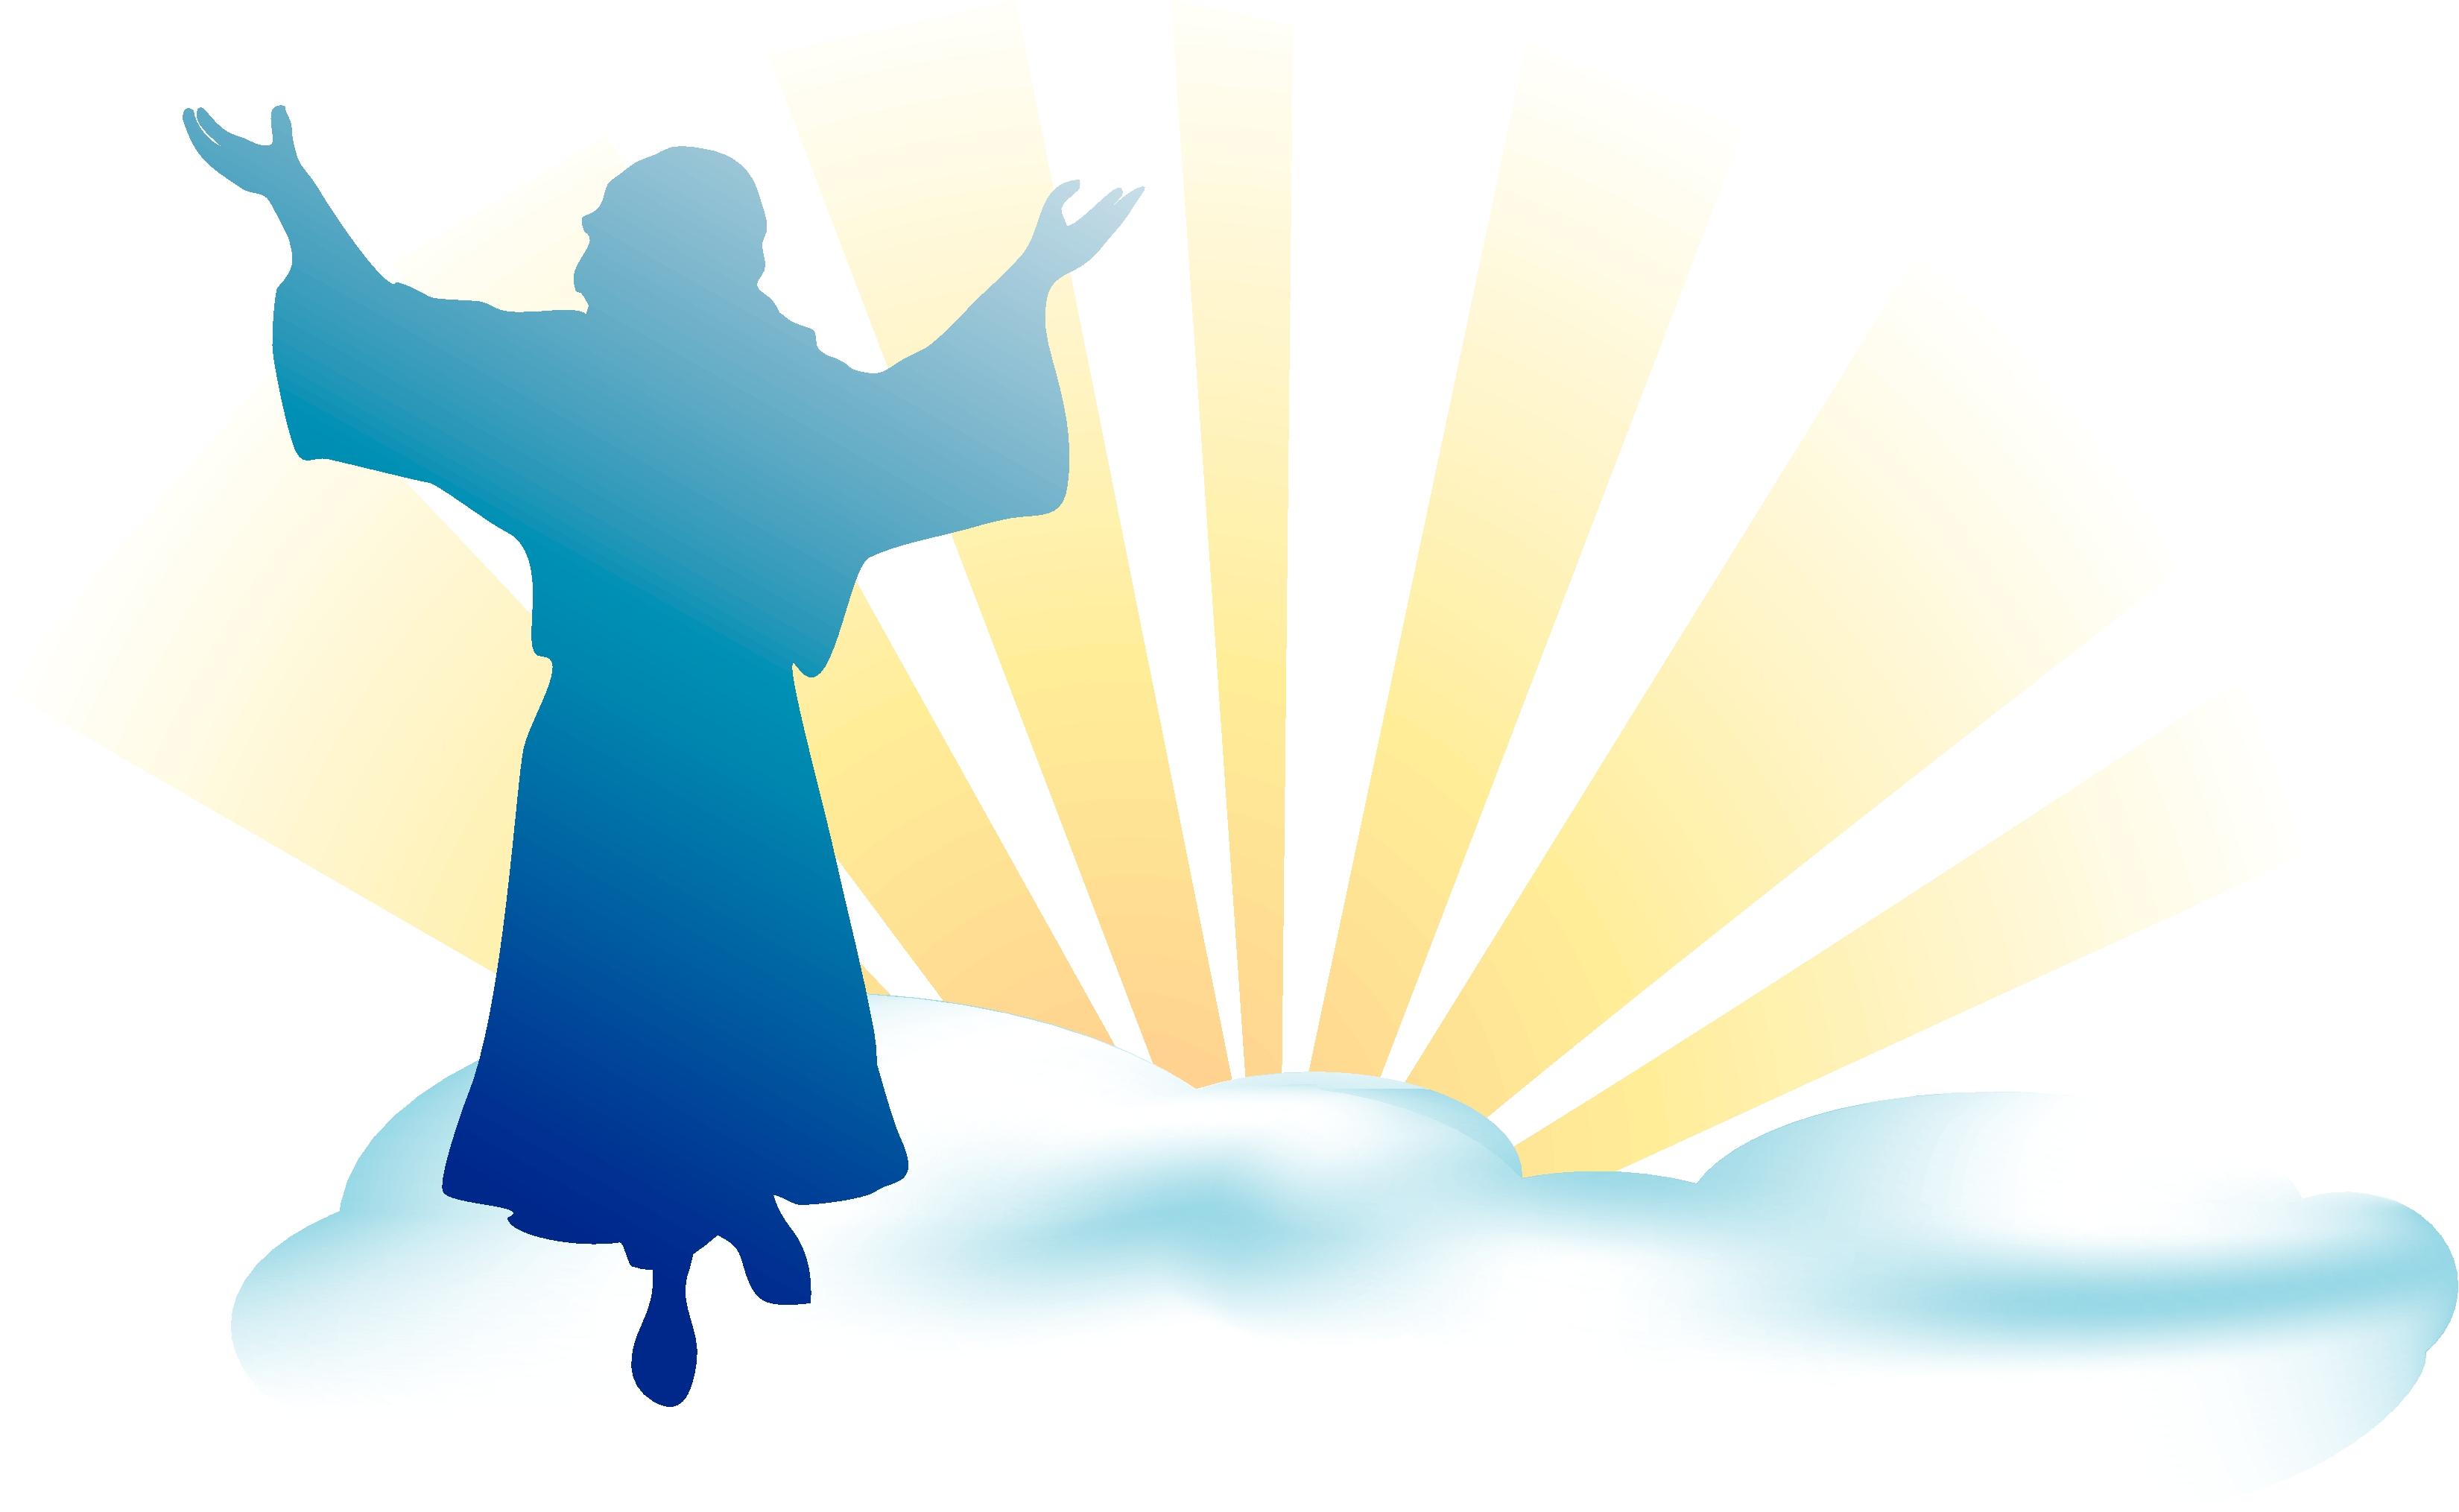 ascension of jesus ascension of jesus clip art images